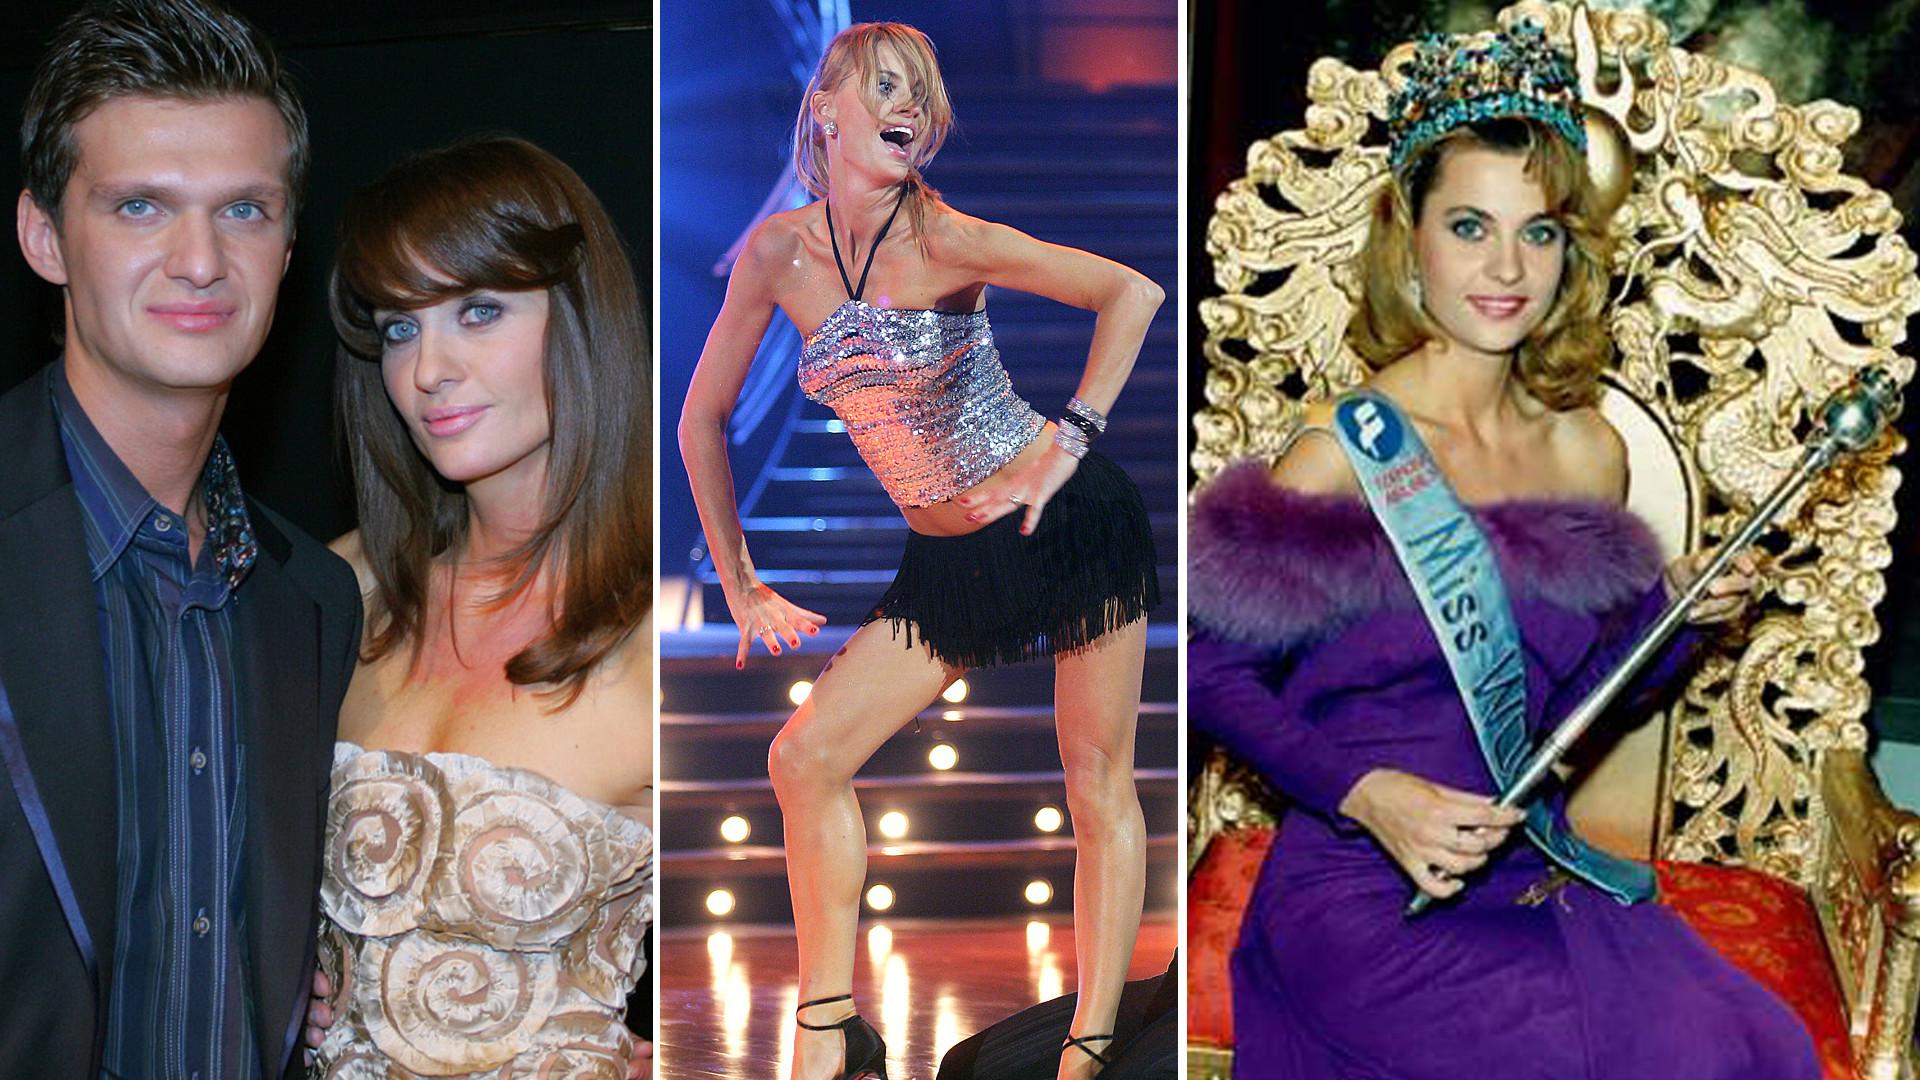 Tak Aneta Kręglicka wyglądała 30 lat temu, gdy zdobyła koronę Miss Świata (ZDJĘCIA)